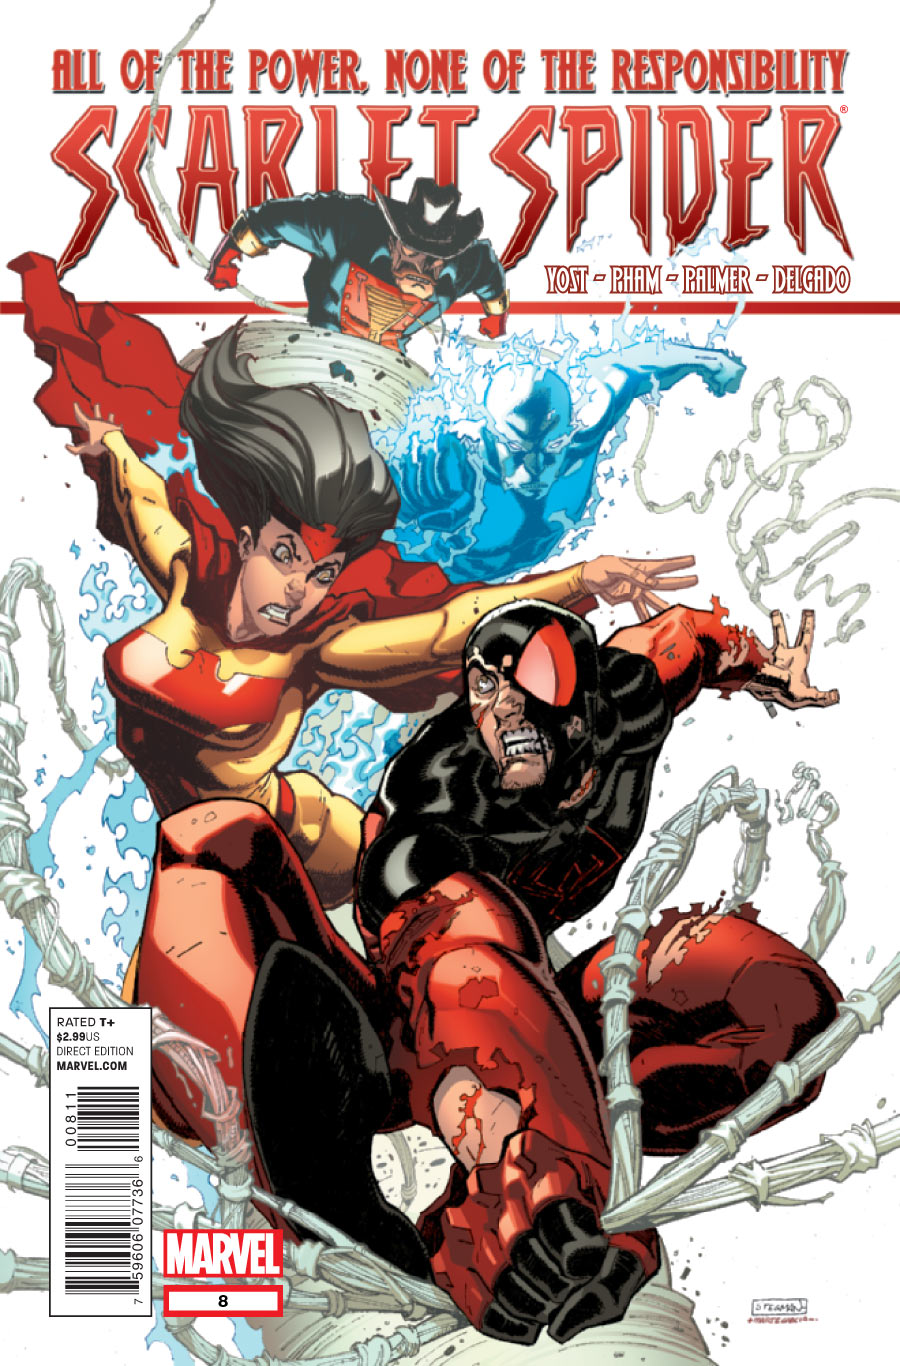 Scarlet Spider Vol 2 8 - Marvel Comics DatabaseScarlet Spider Vs Scarlet Spider